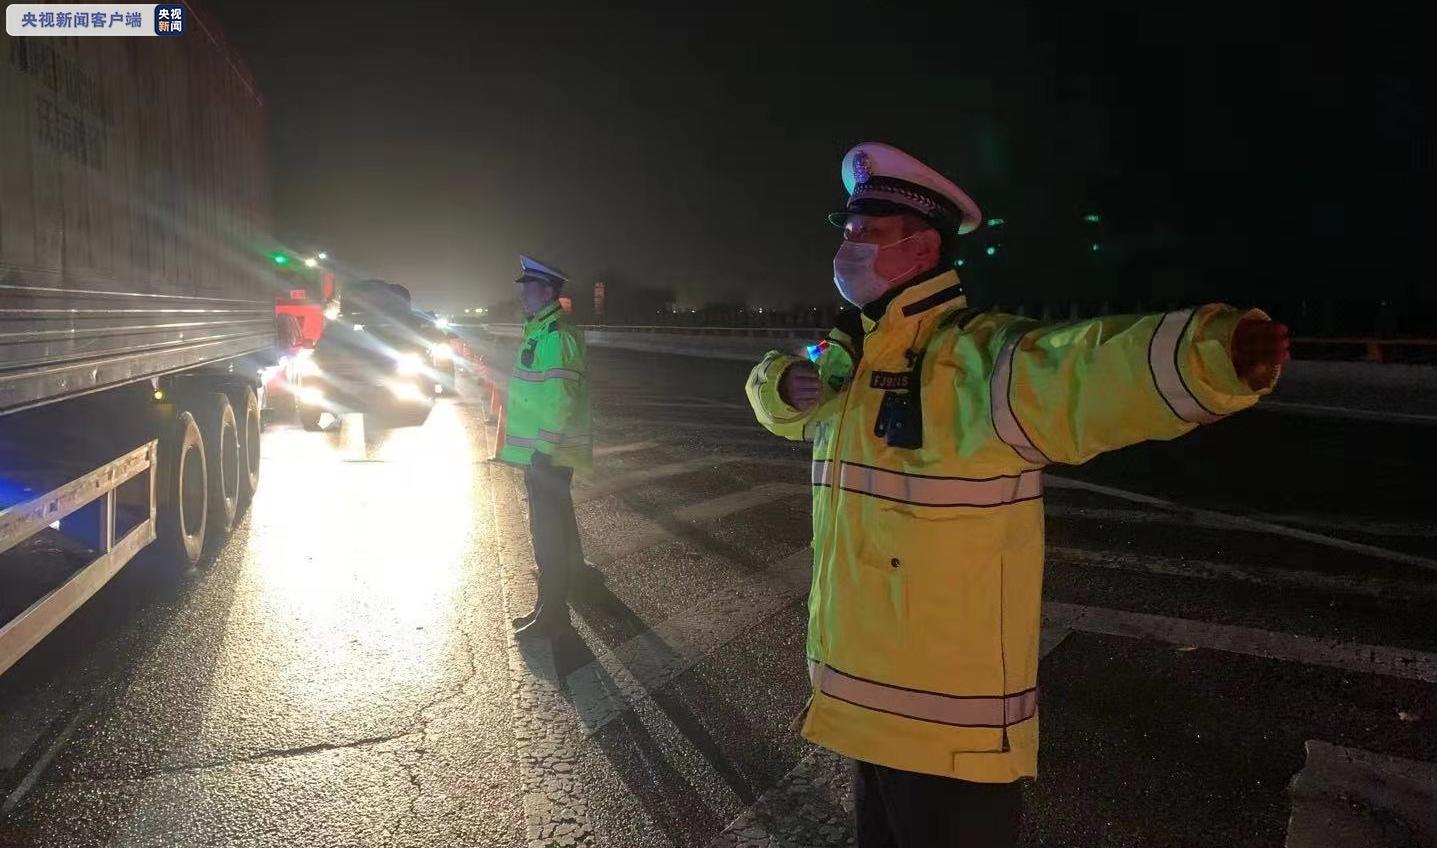 降雪天气致甘肃多条高速实施临时交通管制